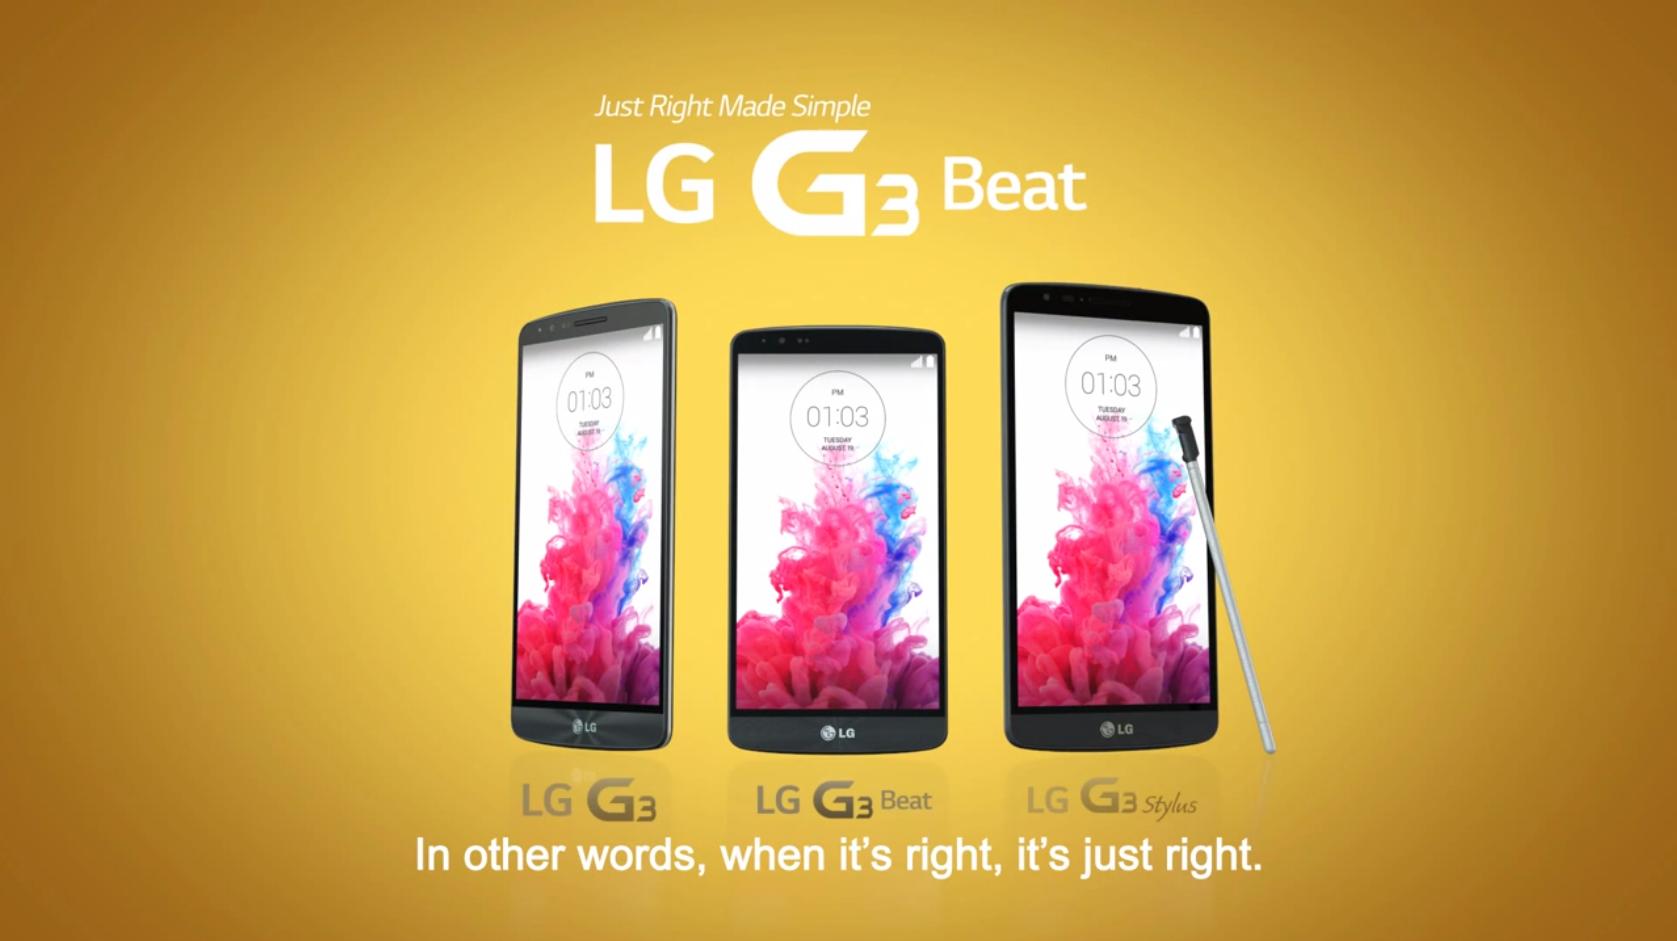 LG-G3-Stylus-leak_1.png